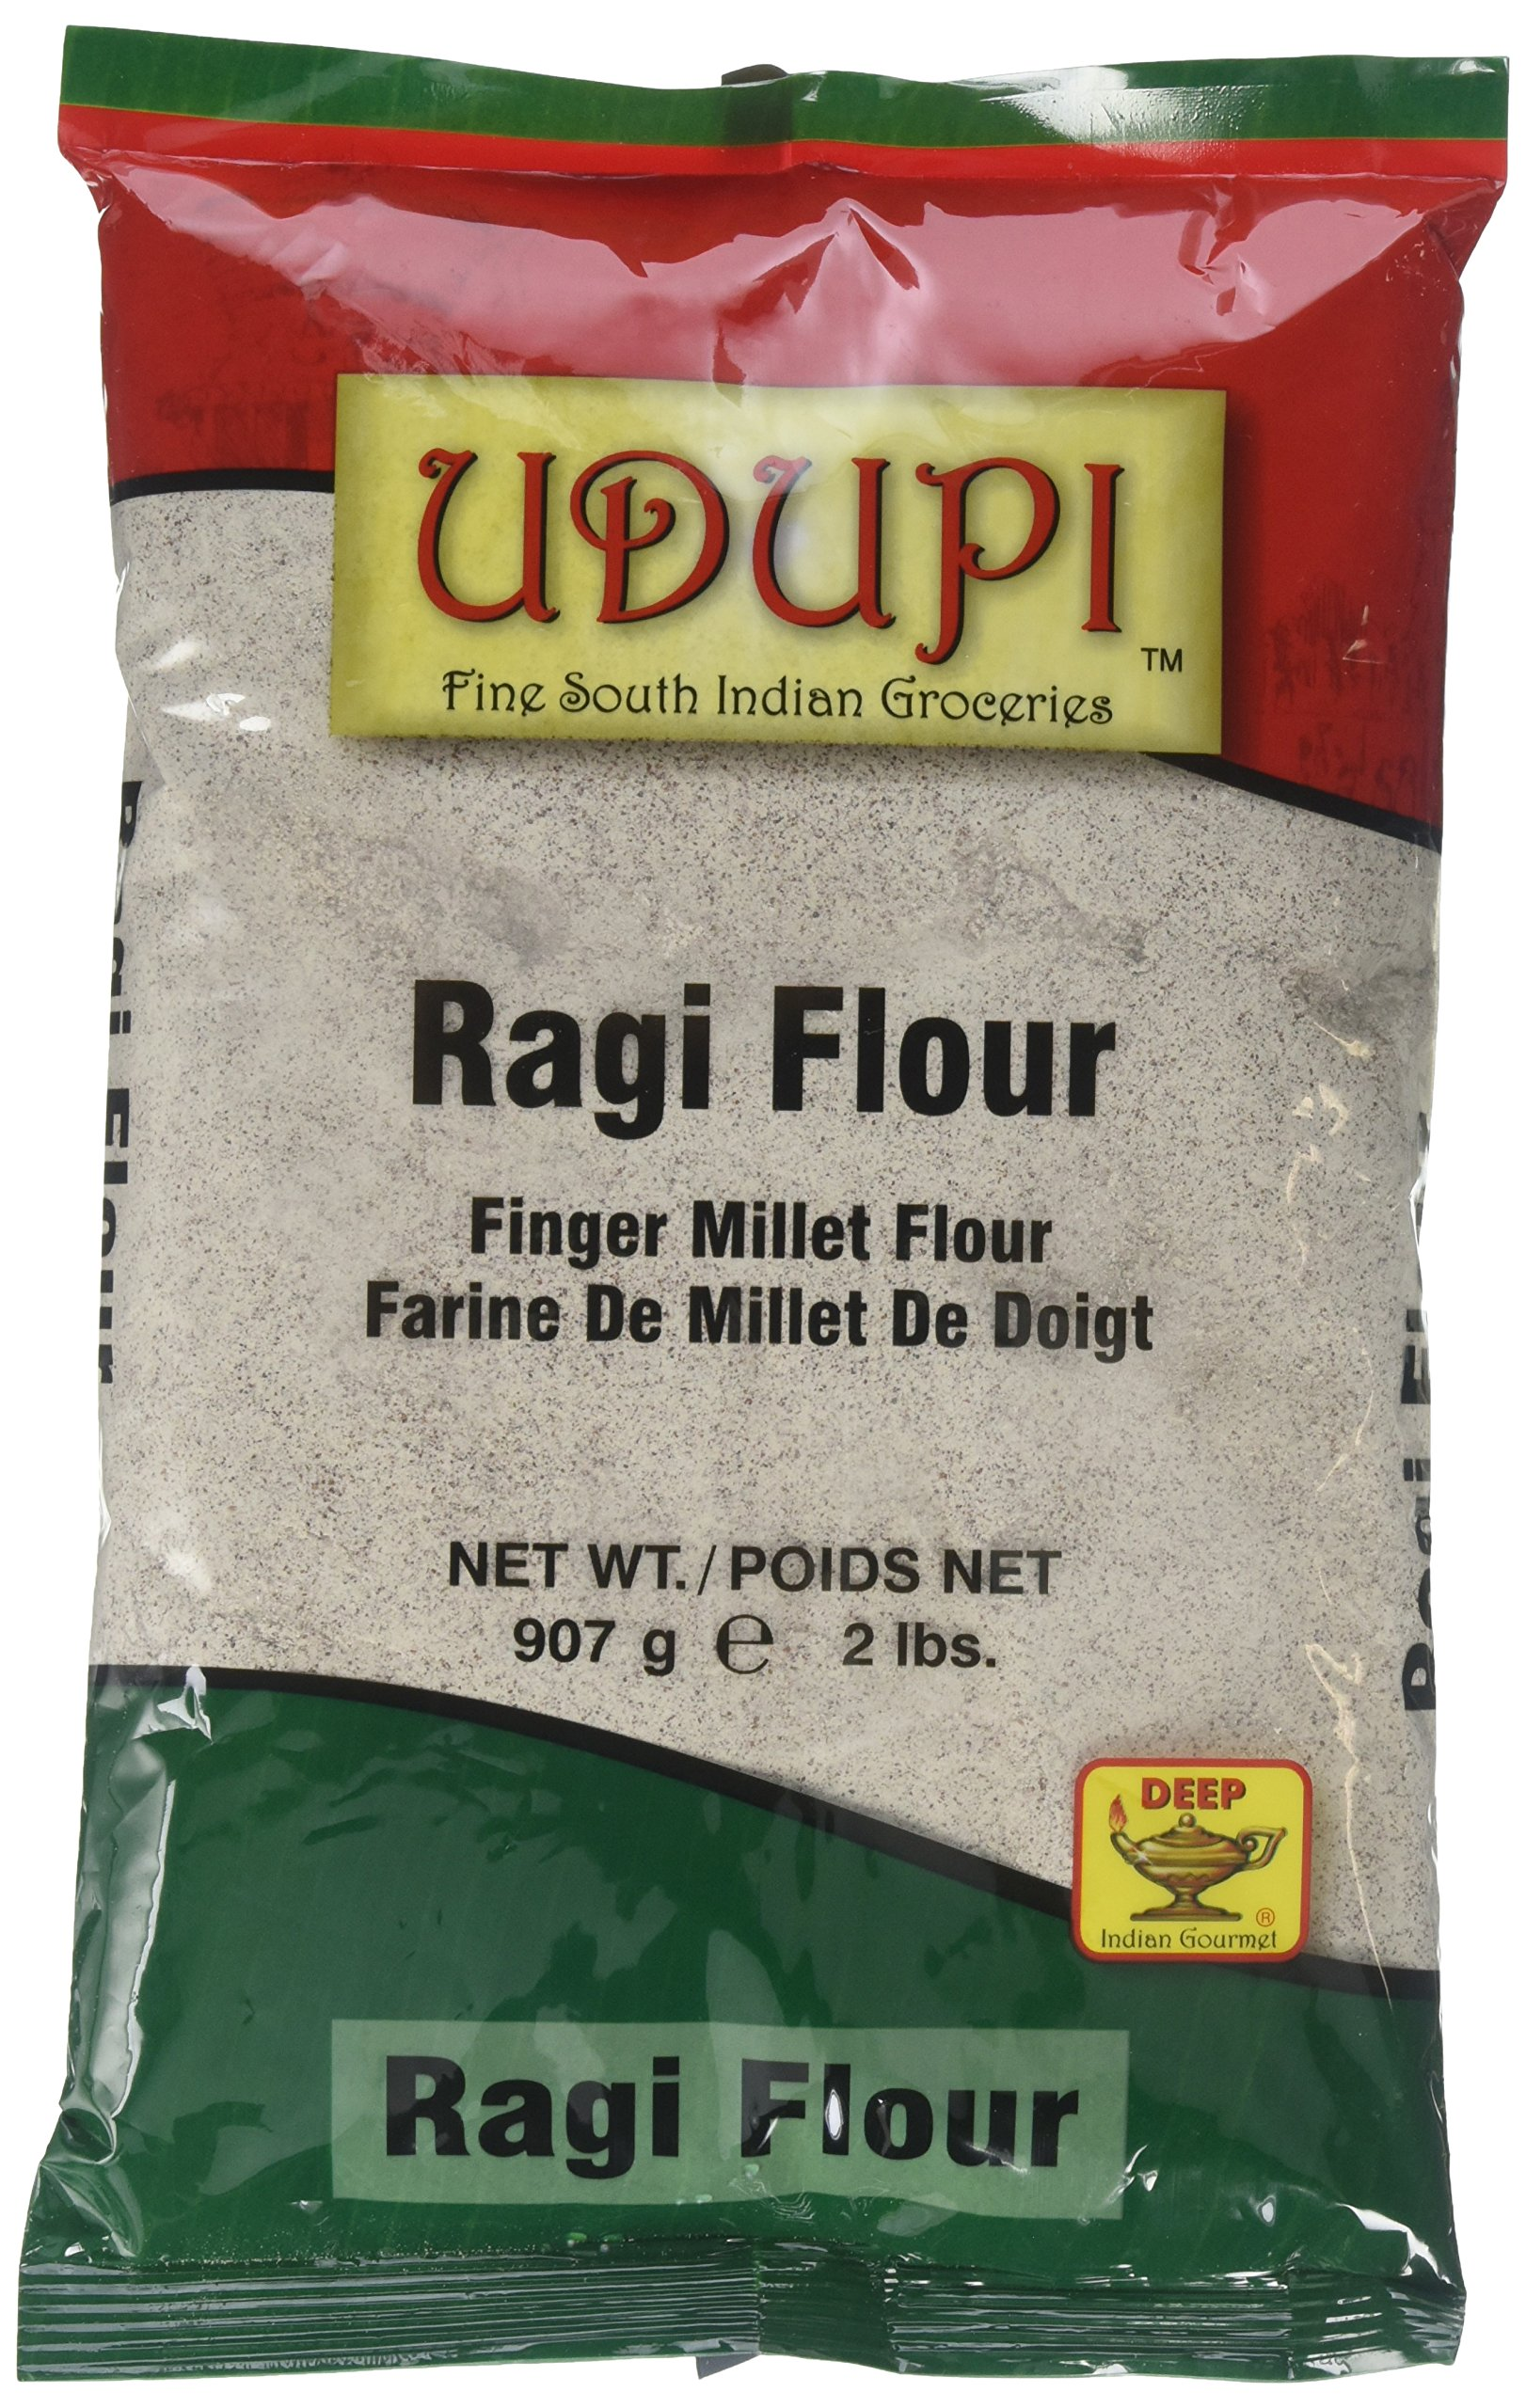 Udupi Ragi (Finger Millet) Flour - 907 Grams, 2 lbs (Pack of 2)